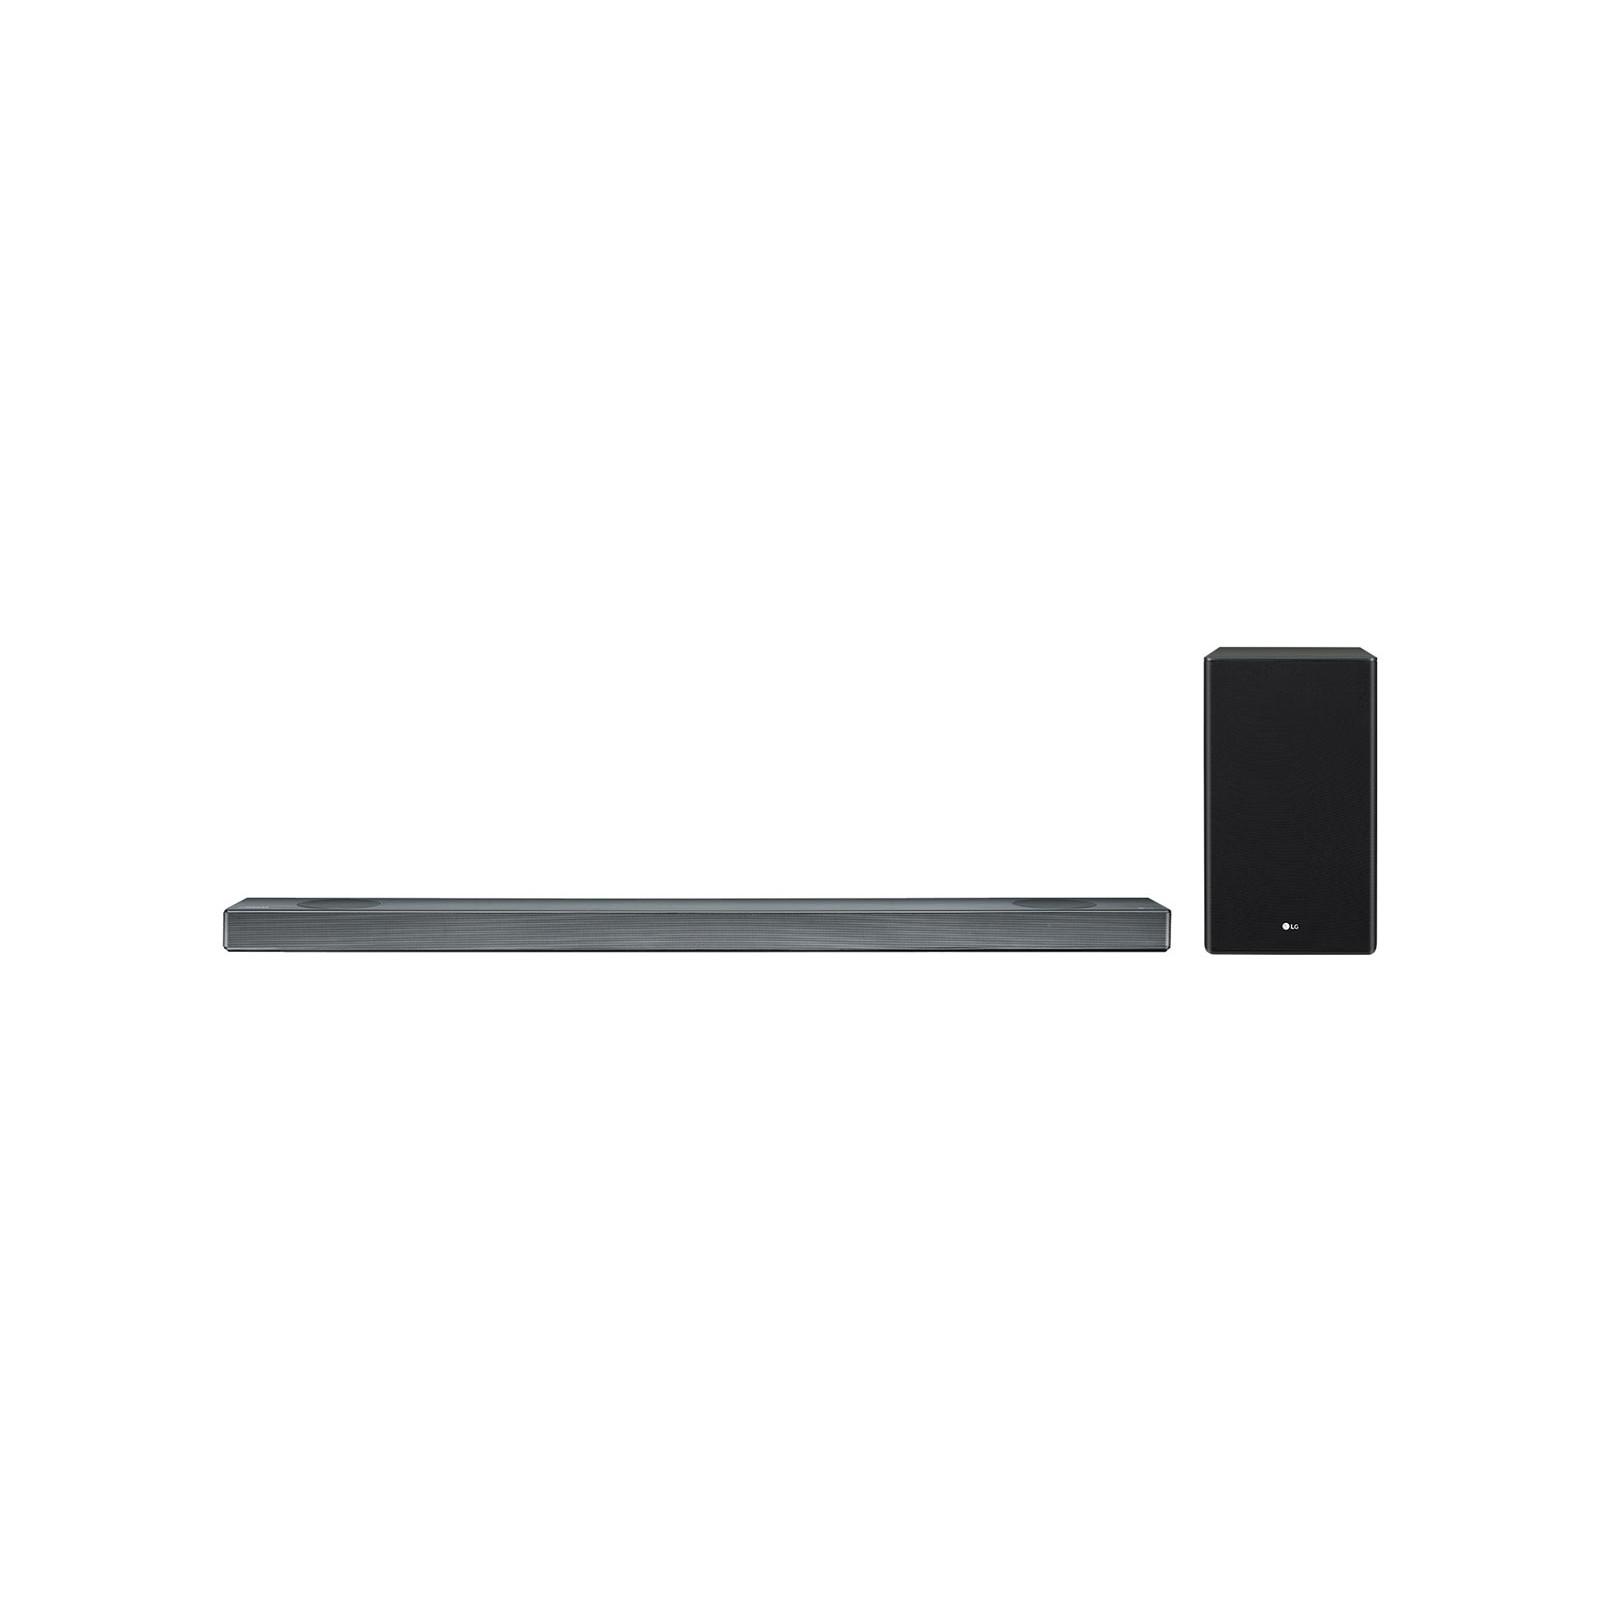 Soundbar LG SL9Y 500W HDMI USB Bluetooth Wi-Fi